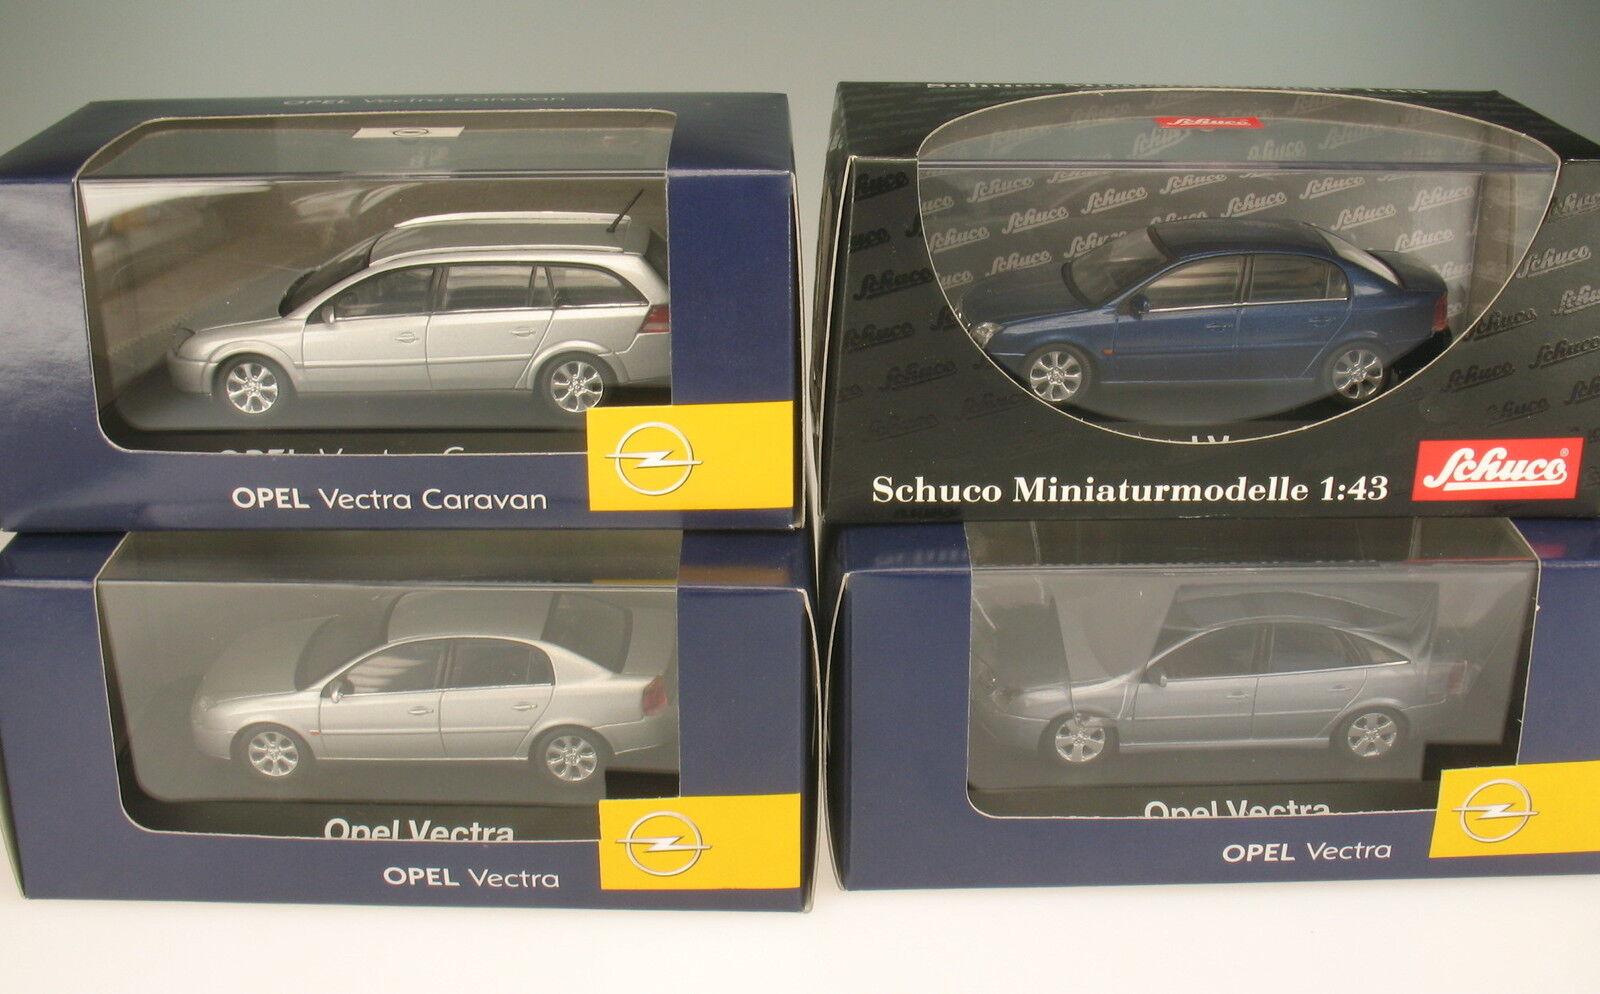 Schuco colección - 4x Opel Vectra-C-GTS-Cocheavan - 1 43 - nuevo en caja original